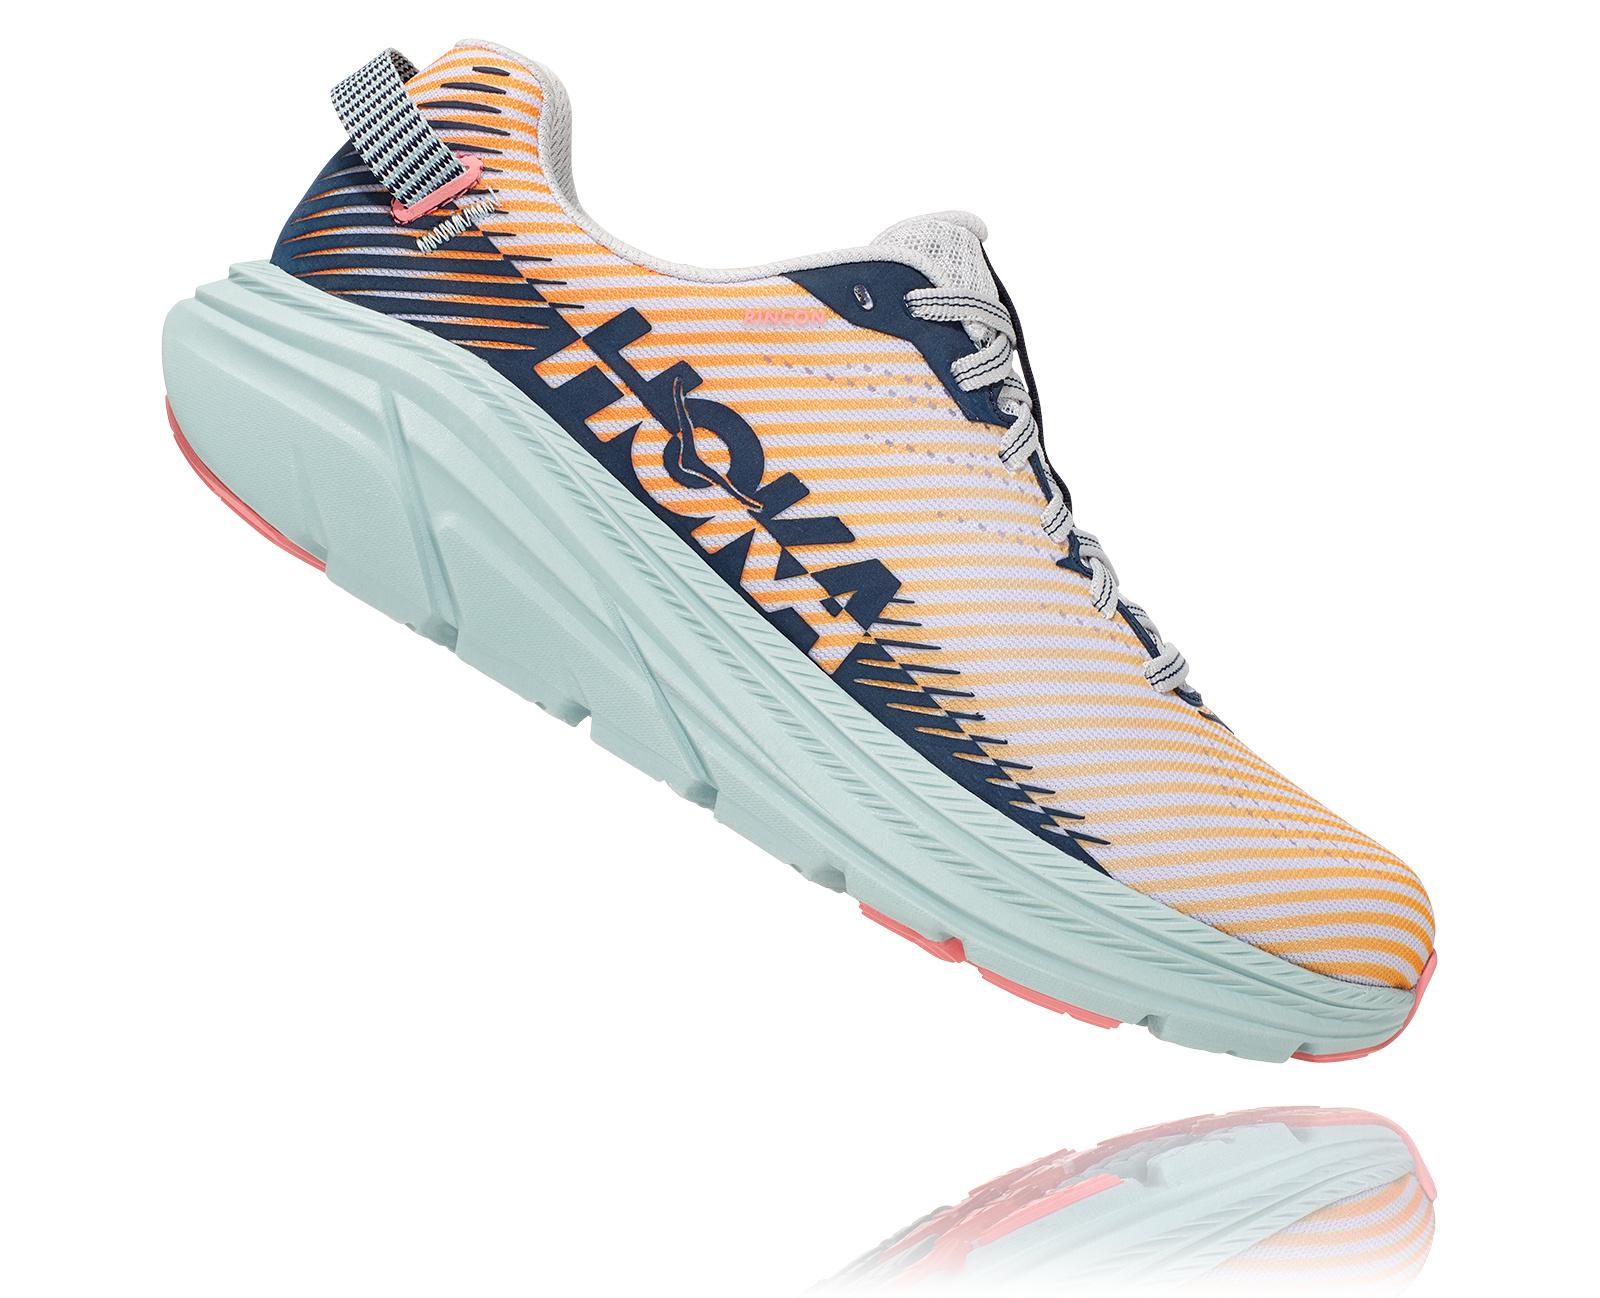 Hoka Women's Rincon 2 - Totally Running